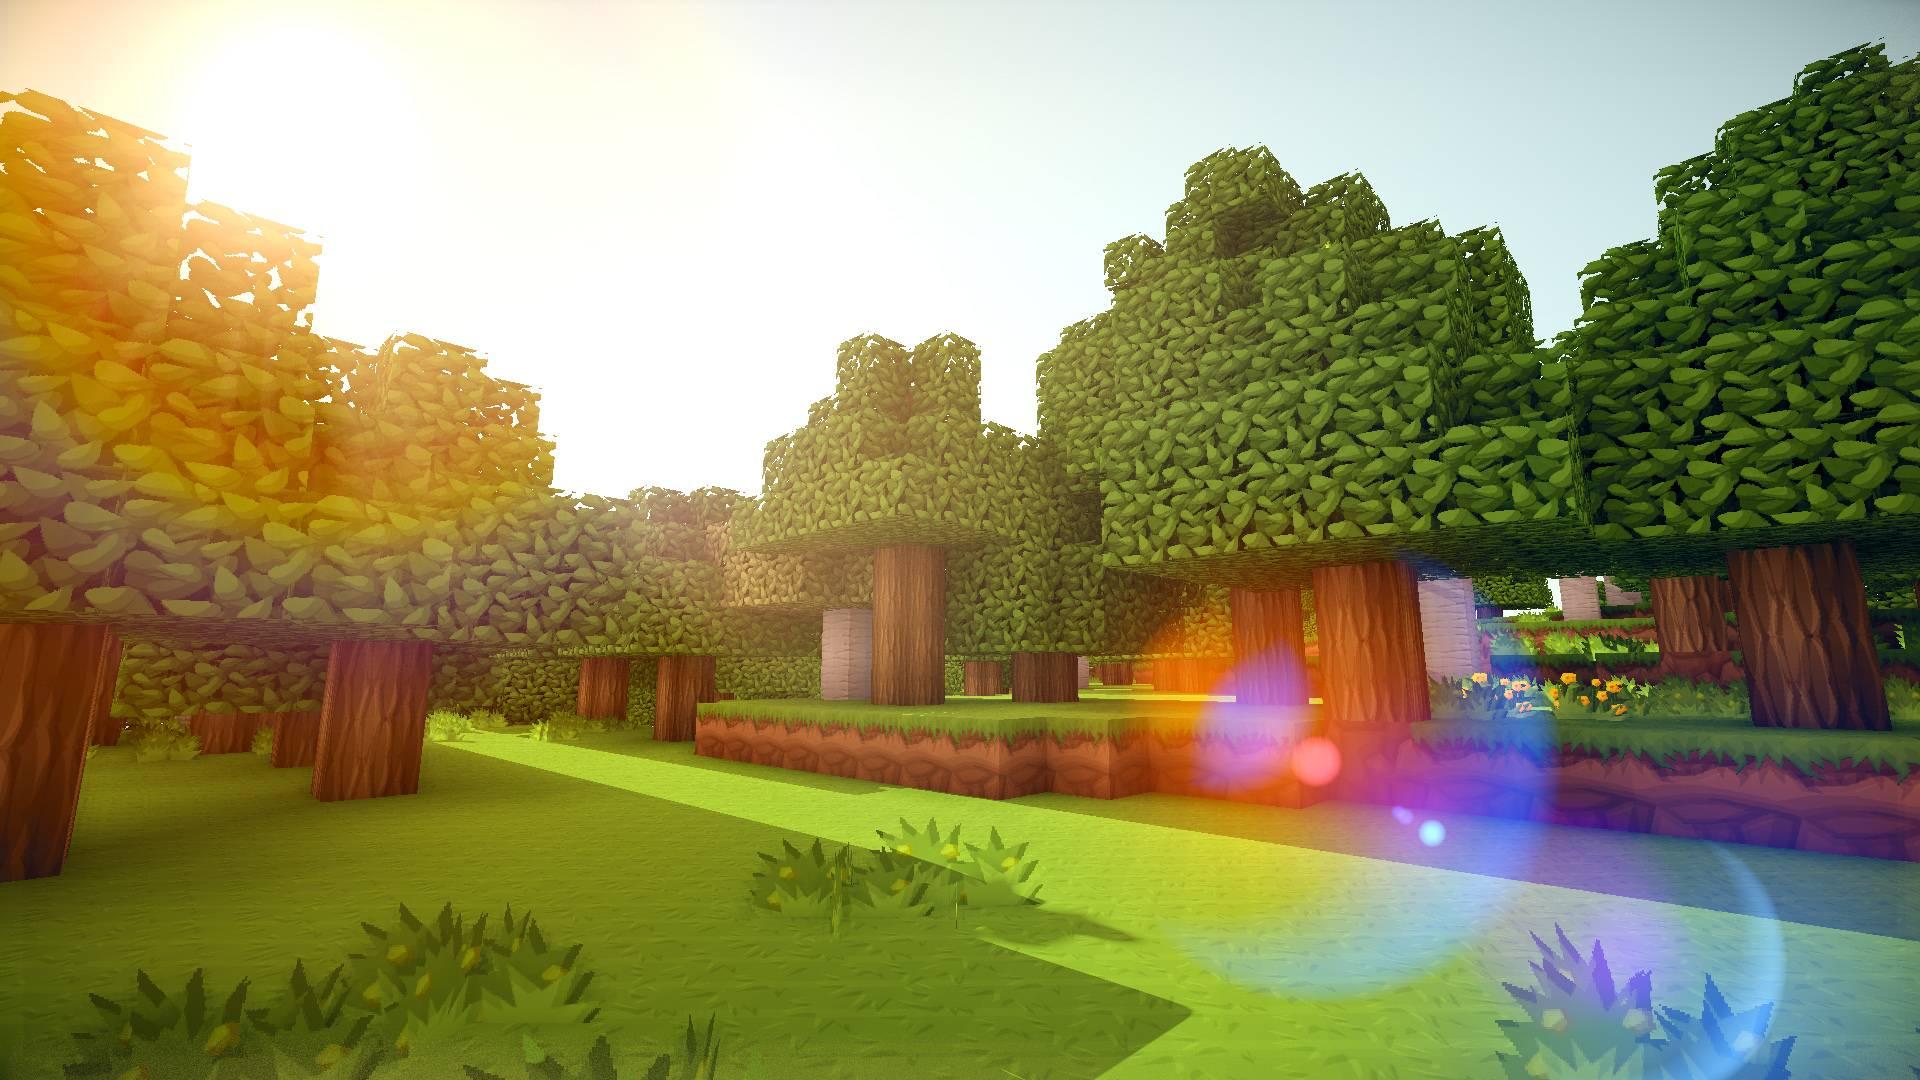 Minecraft Wallpaper 13 1920x1080 768x432